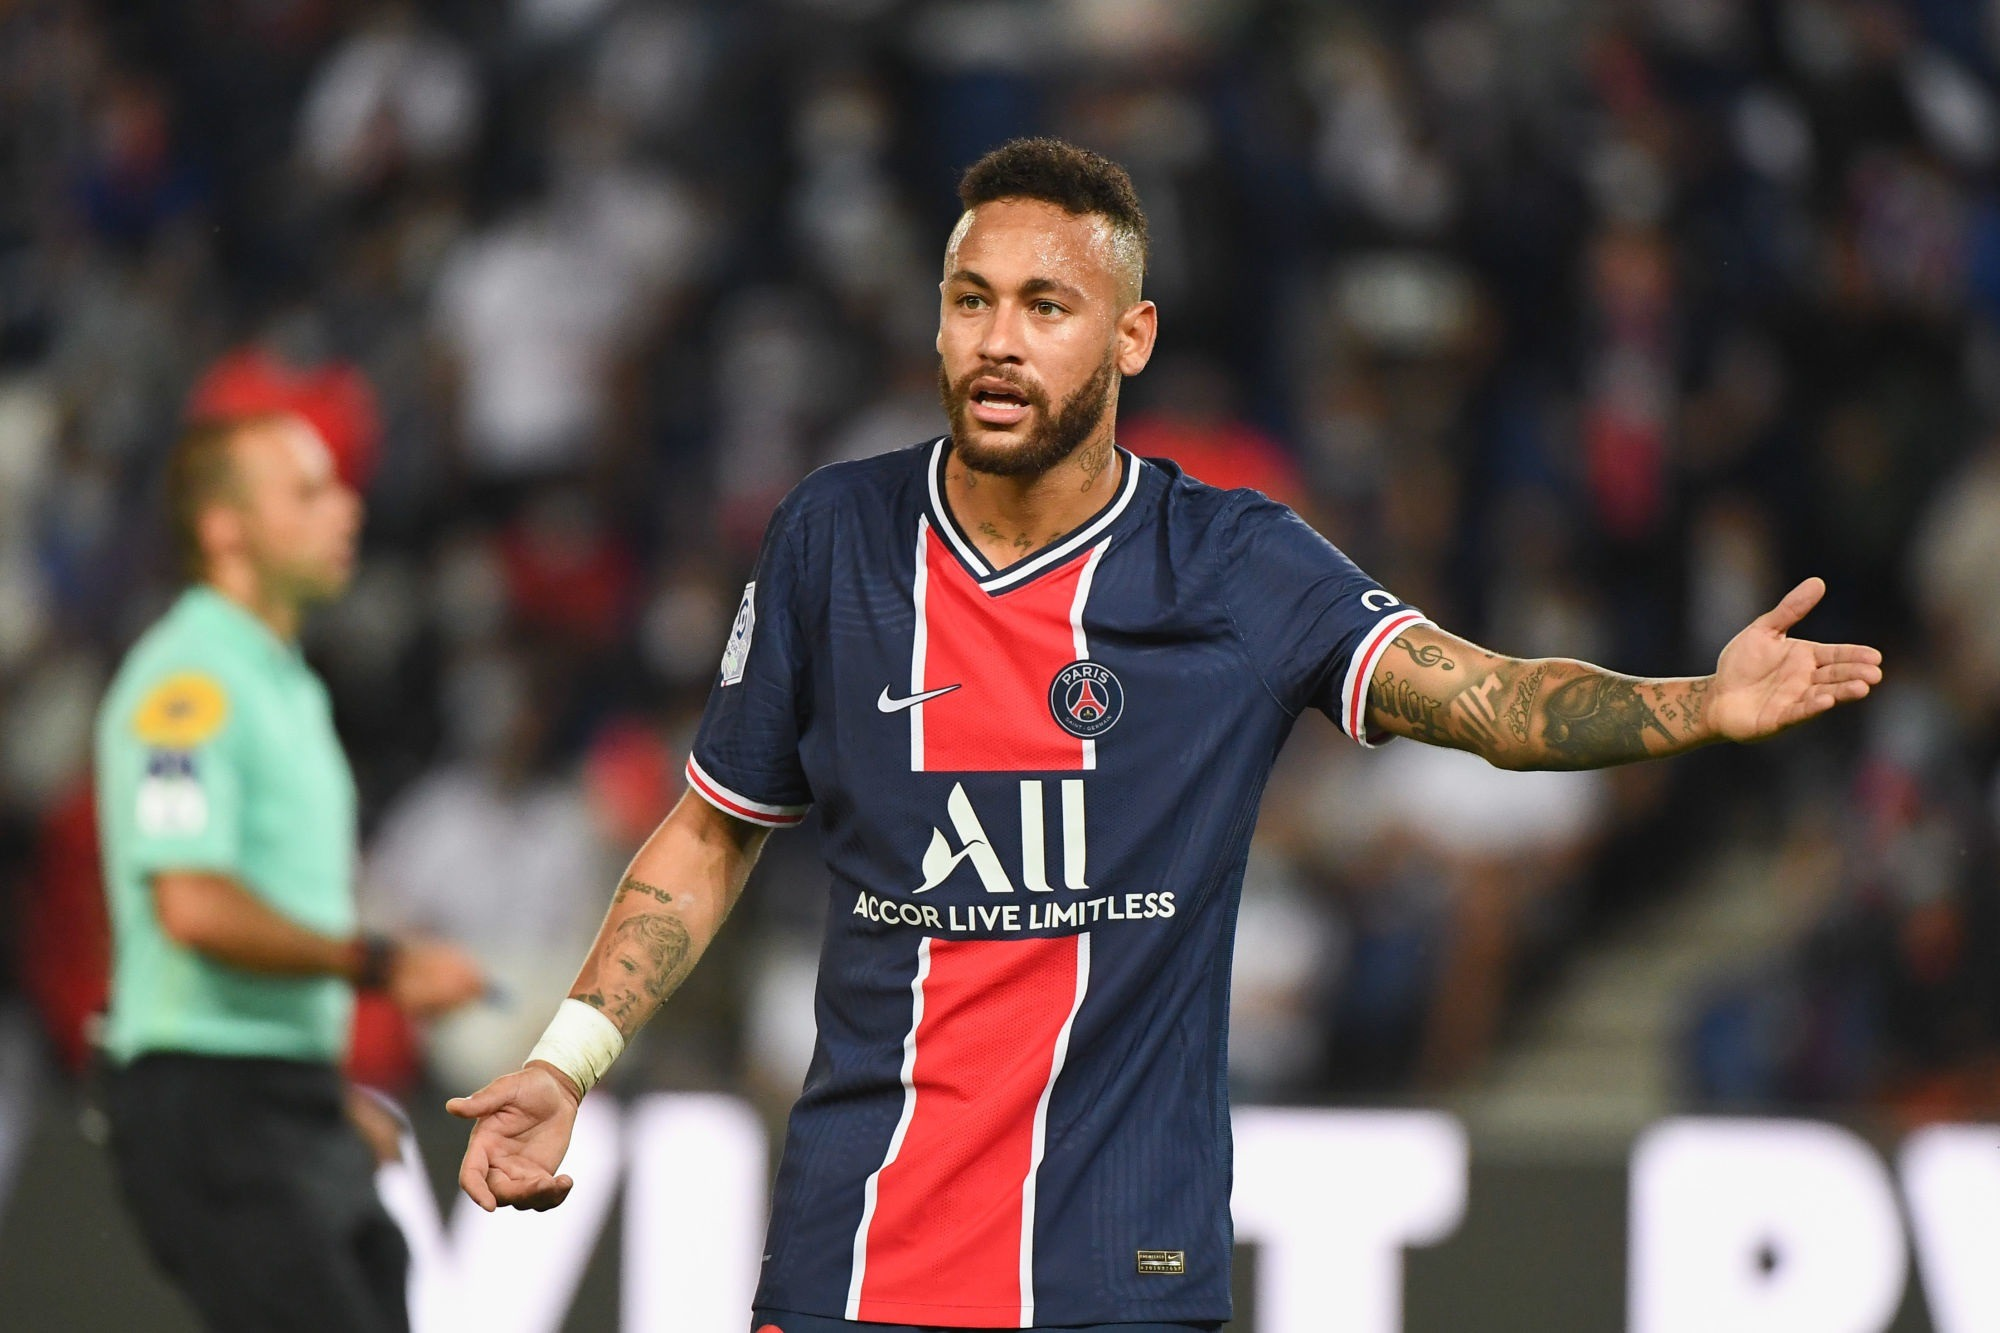 PSG/Barcelone - RMC Sport donne des nouvelles de Neymar et Florenzi